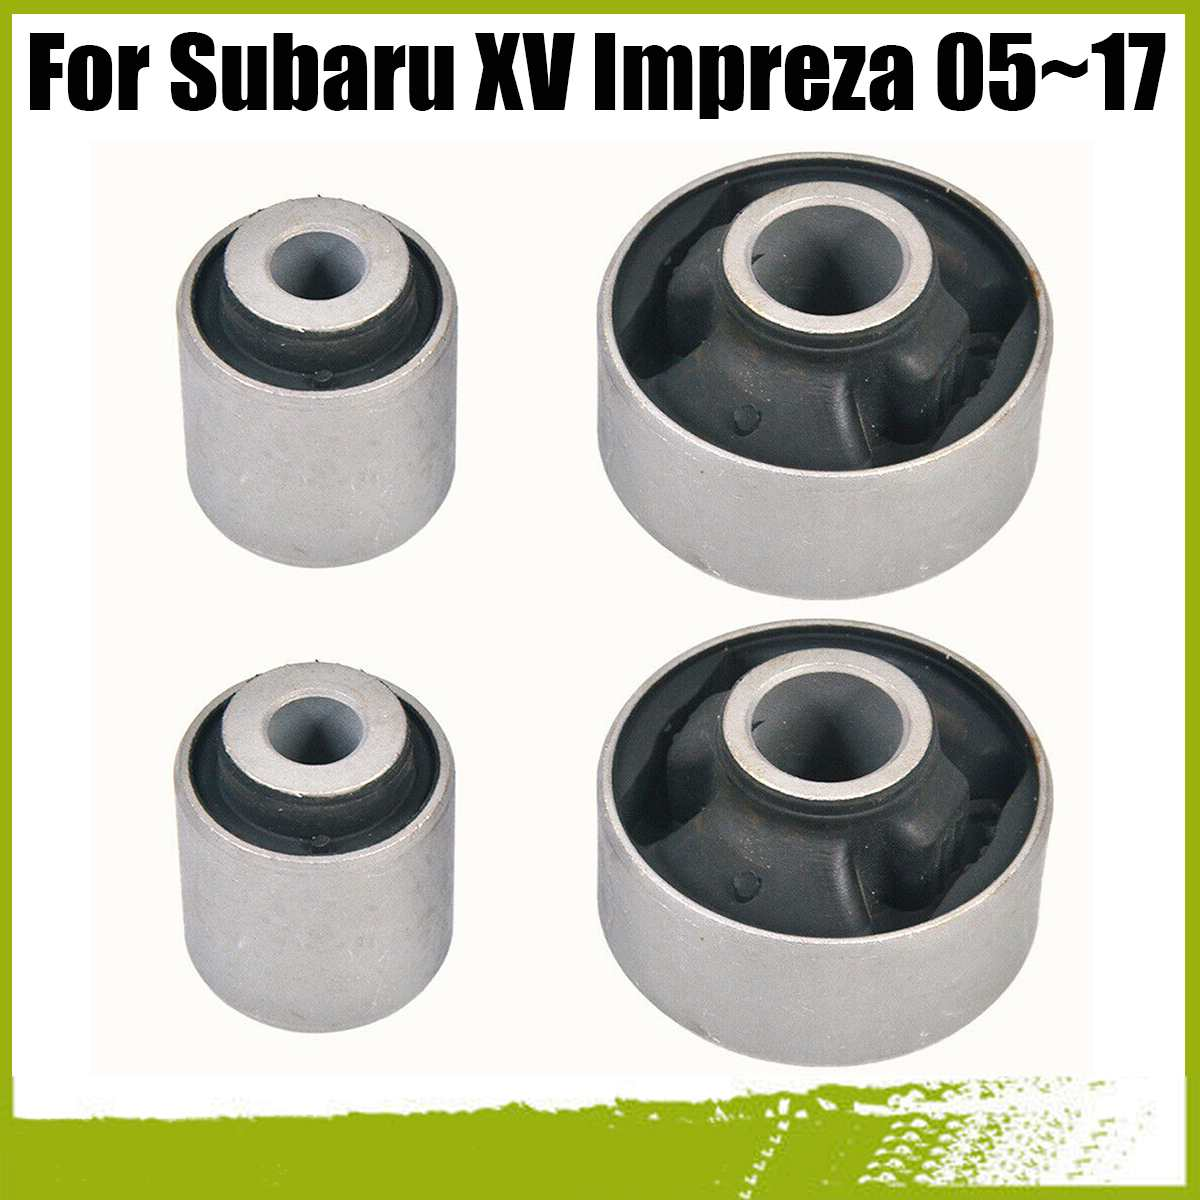 Ön alt kontrol kolu burç kiti 4 adet Subaru WRX için 14-18 Impreza 05-17 Legacy 03 -18 Forester 08-17 Outback 03-18 XV 12-17